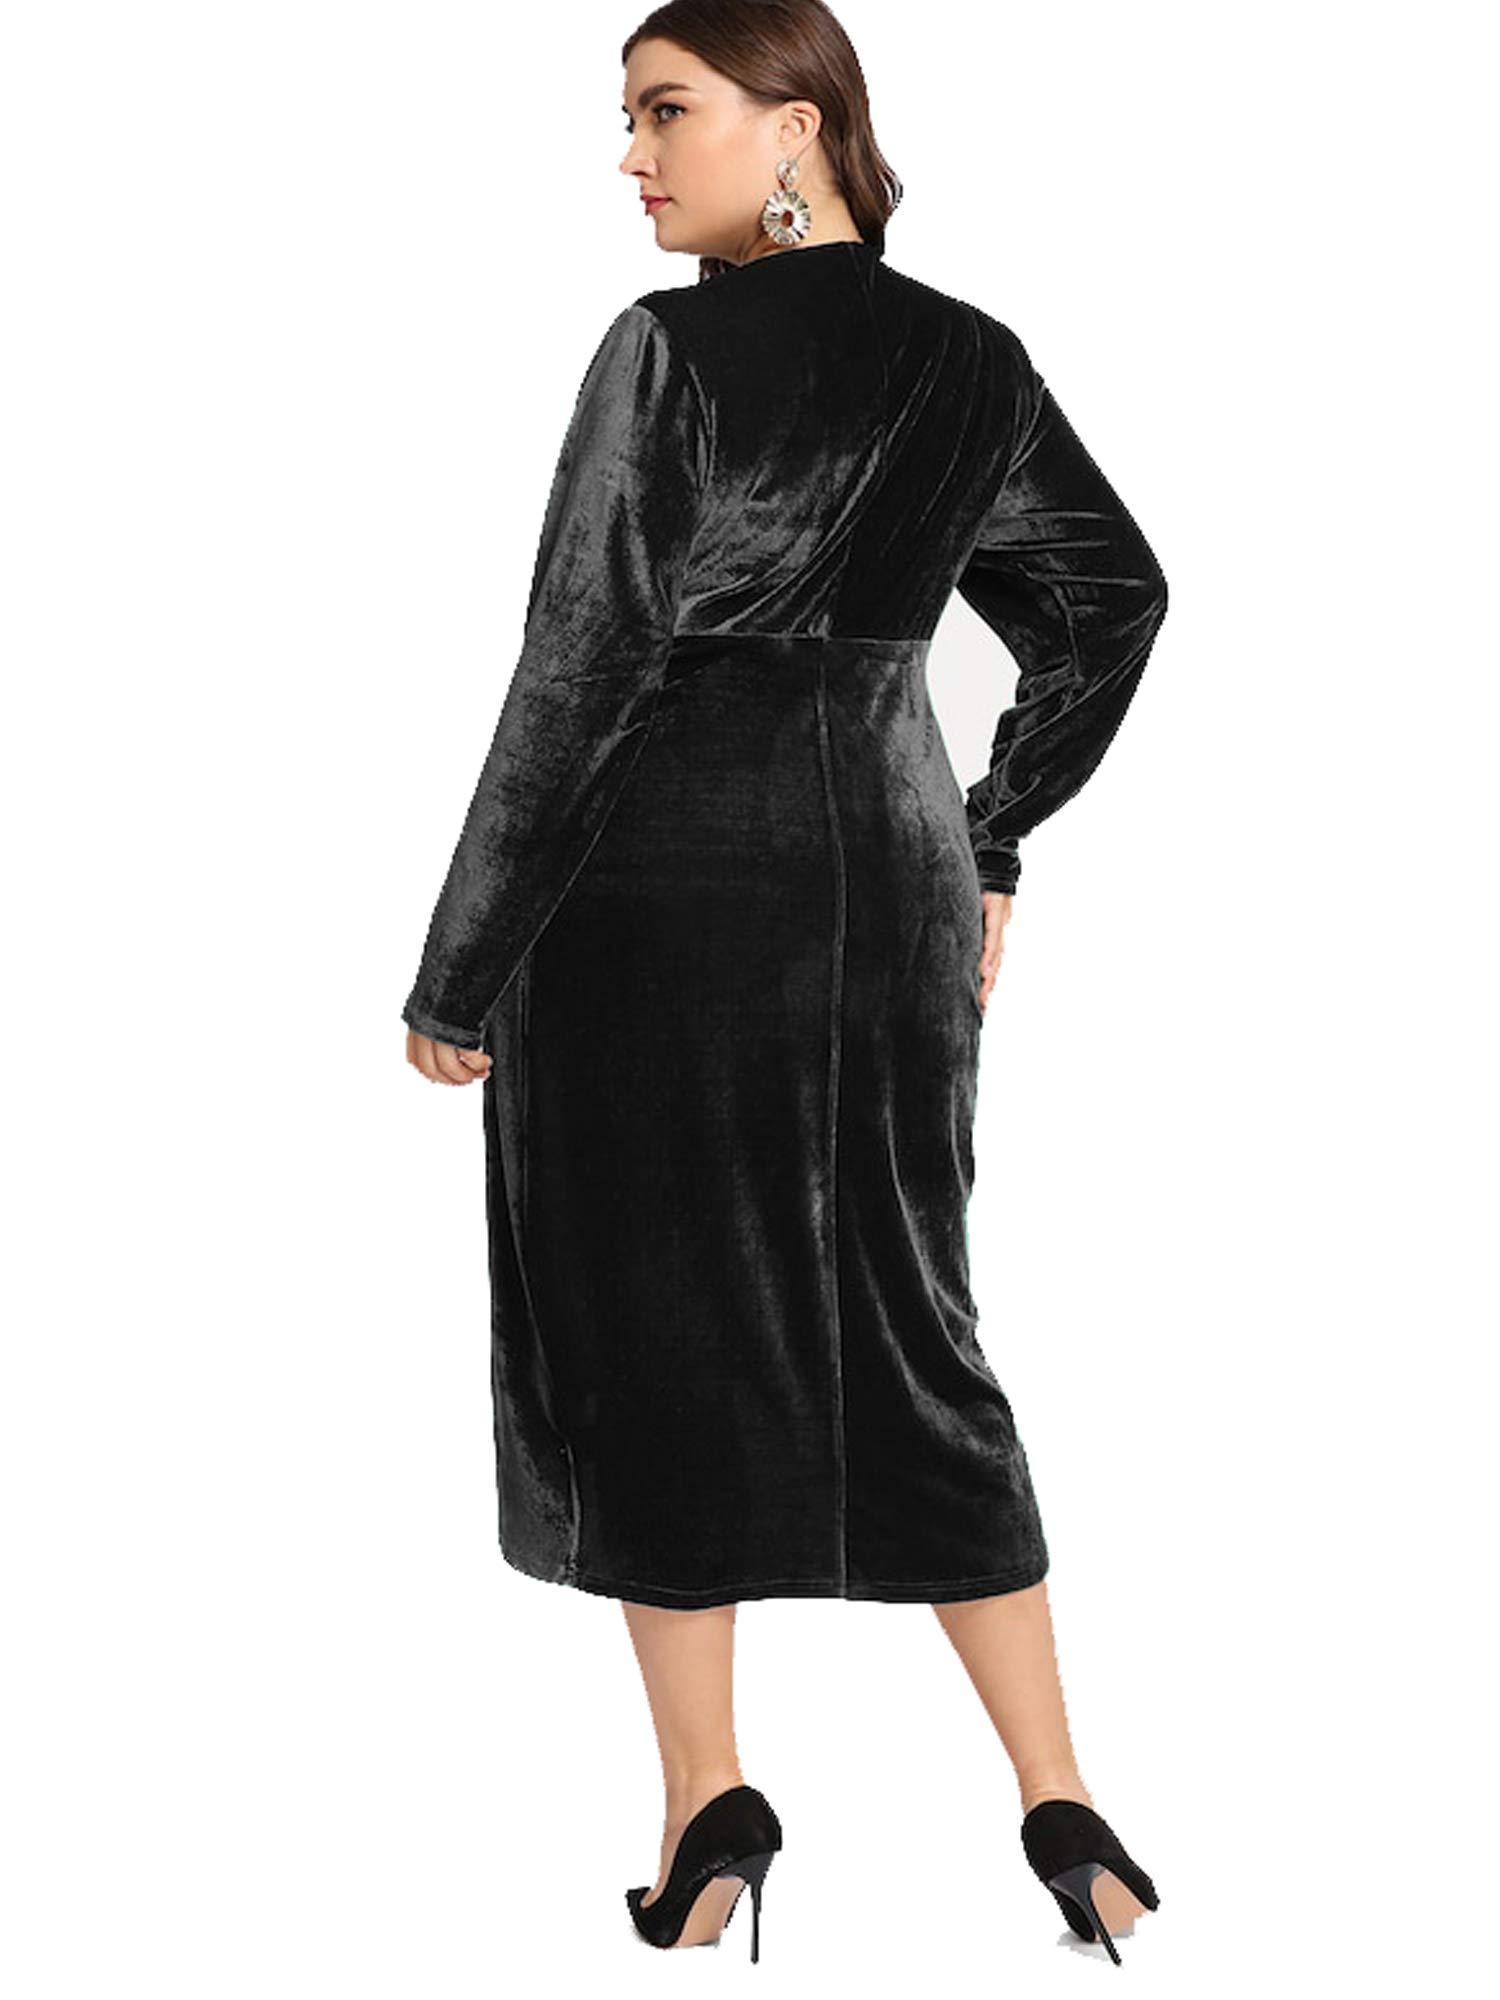 ff607d18ee ... dress ESPRLIA Women s Plus Size High Waist Velvet Sexy Faux Wrap Pencil  Cocktail Midi Dresses. Sale!   